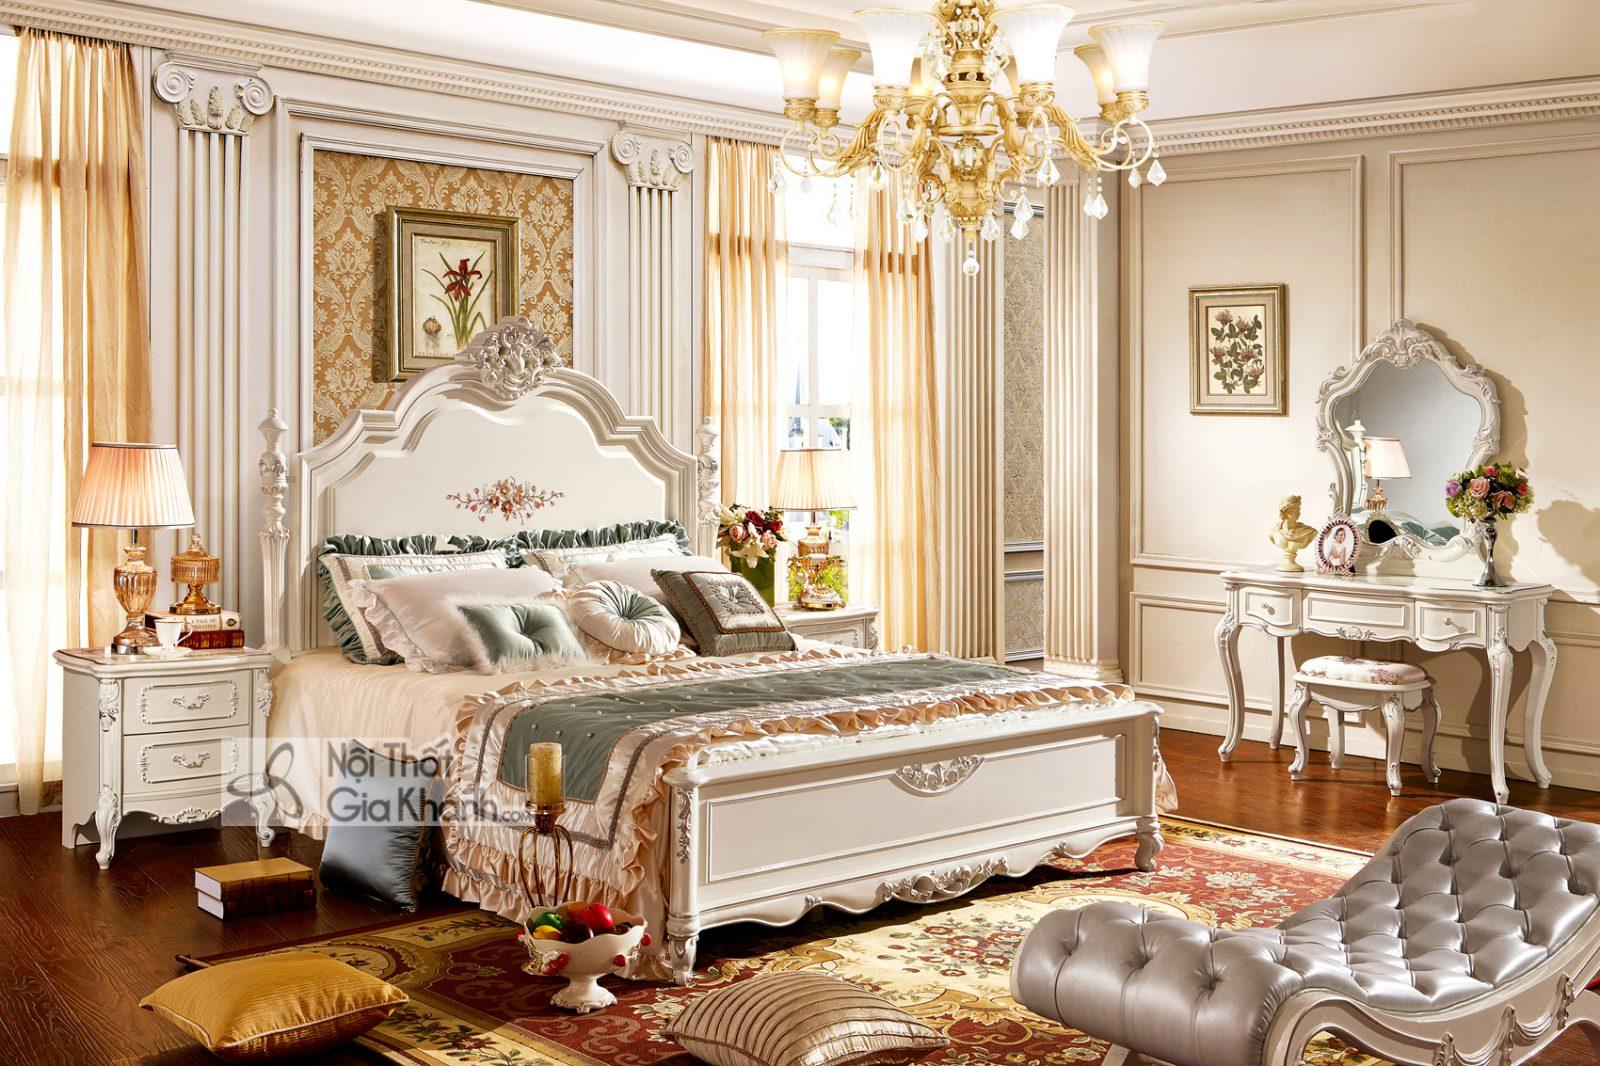 Giường Ngủ Tân Cổ Điển Màu Trắng Ngọc Trai Gi8833H Sang Trọng Nhập Khẩu